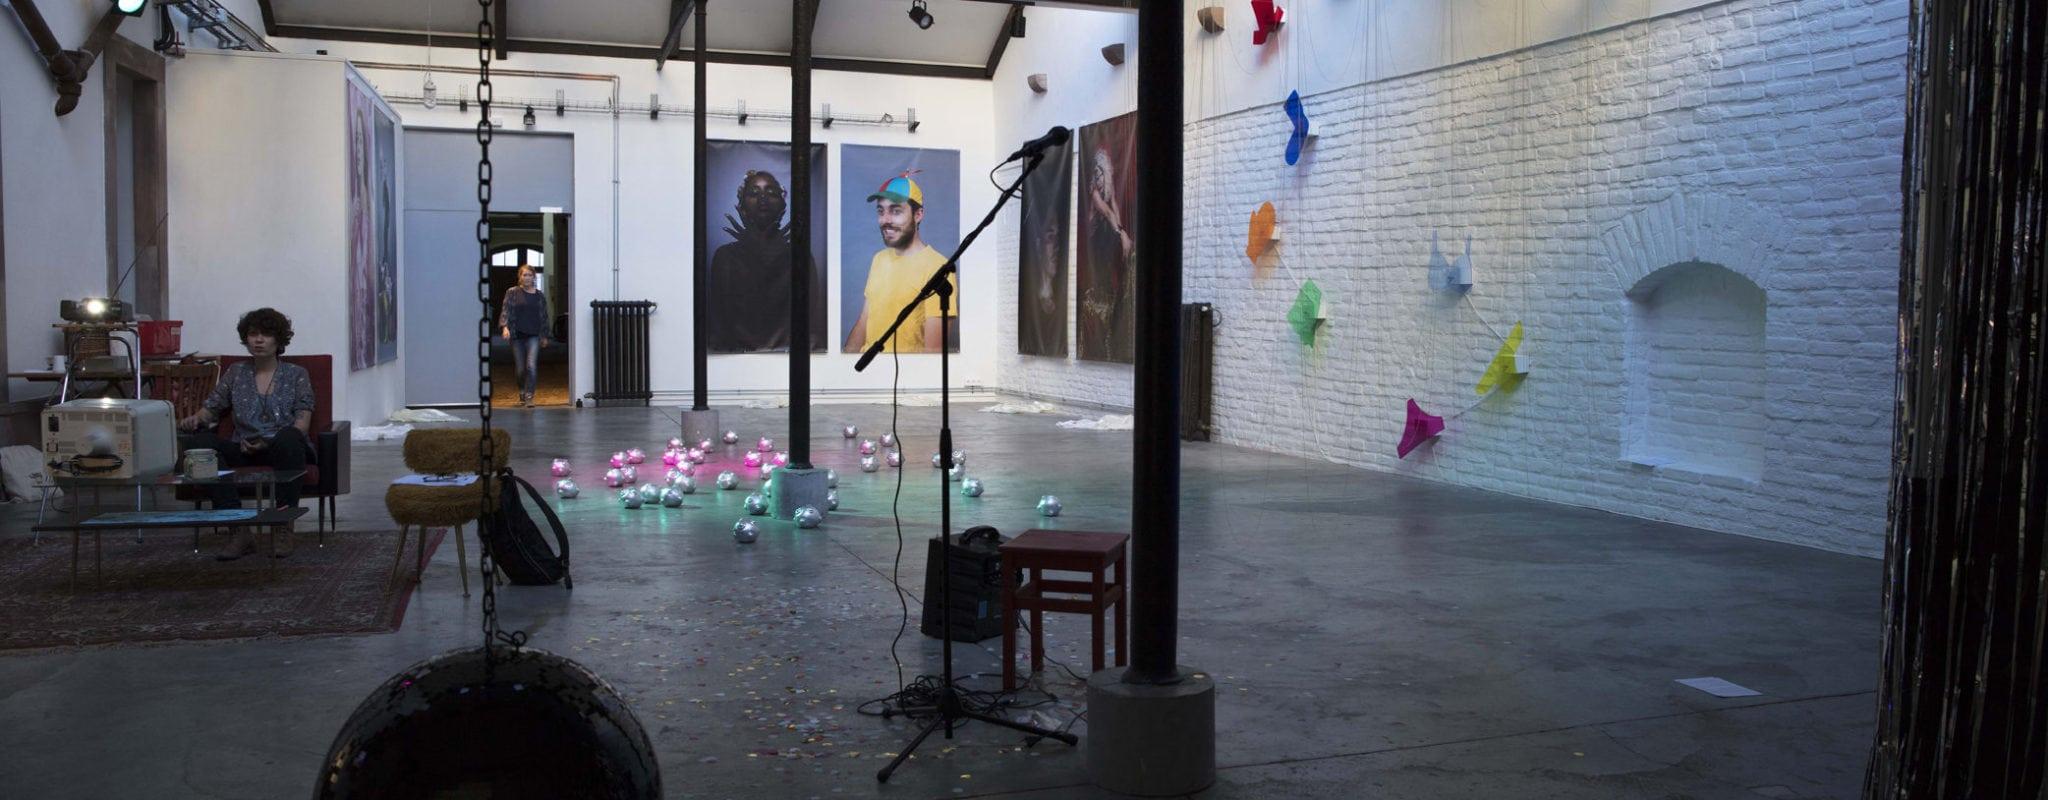 Timelight : entre disco et art contemporain, Le Tube éblouit jusqu'aux oreilles